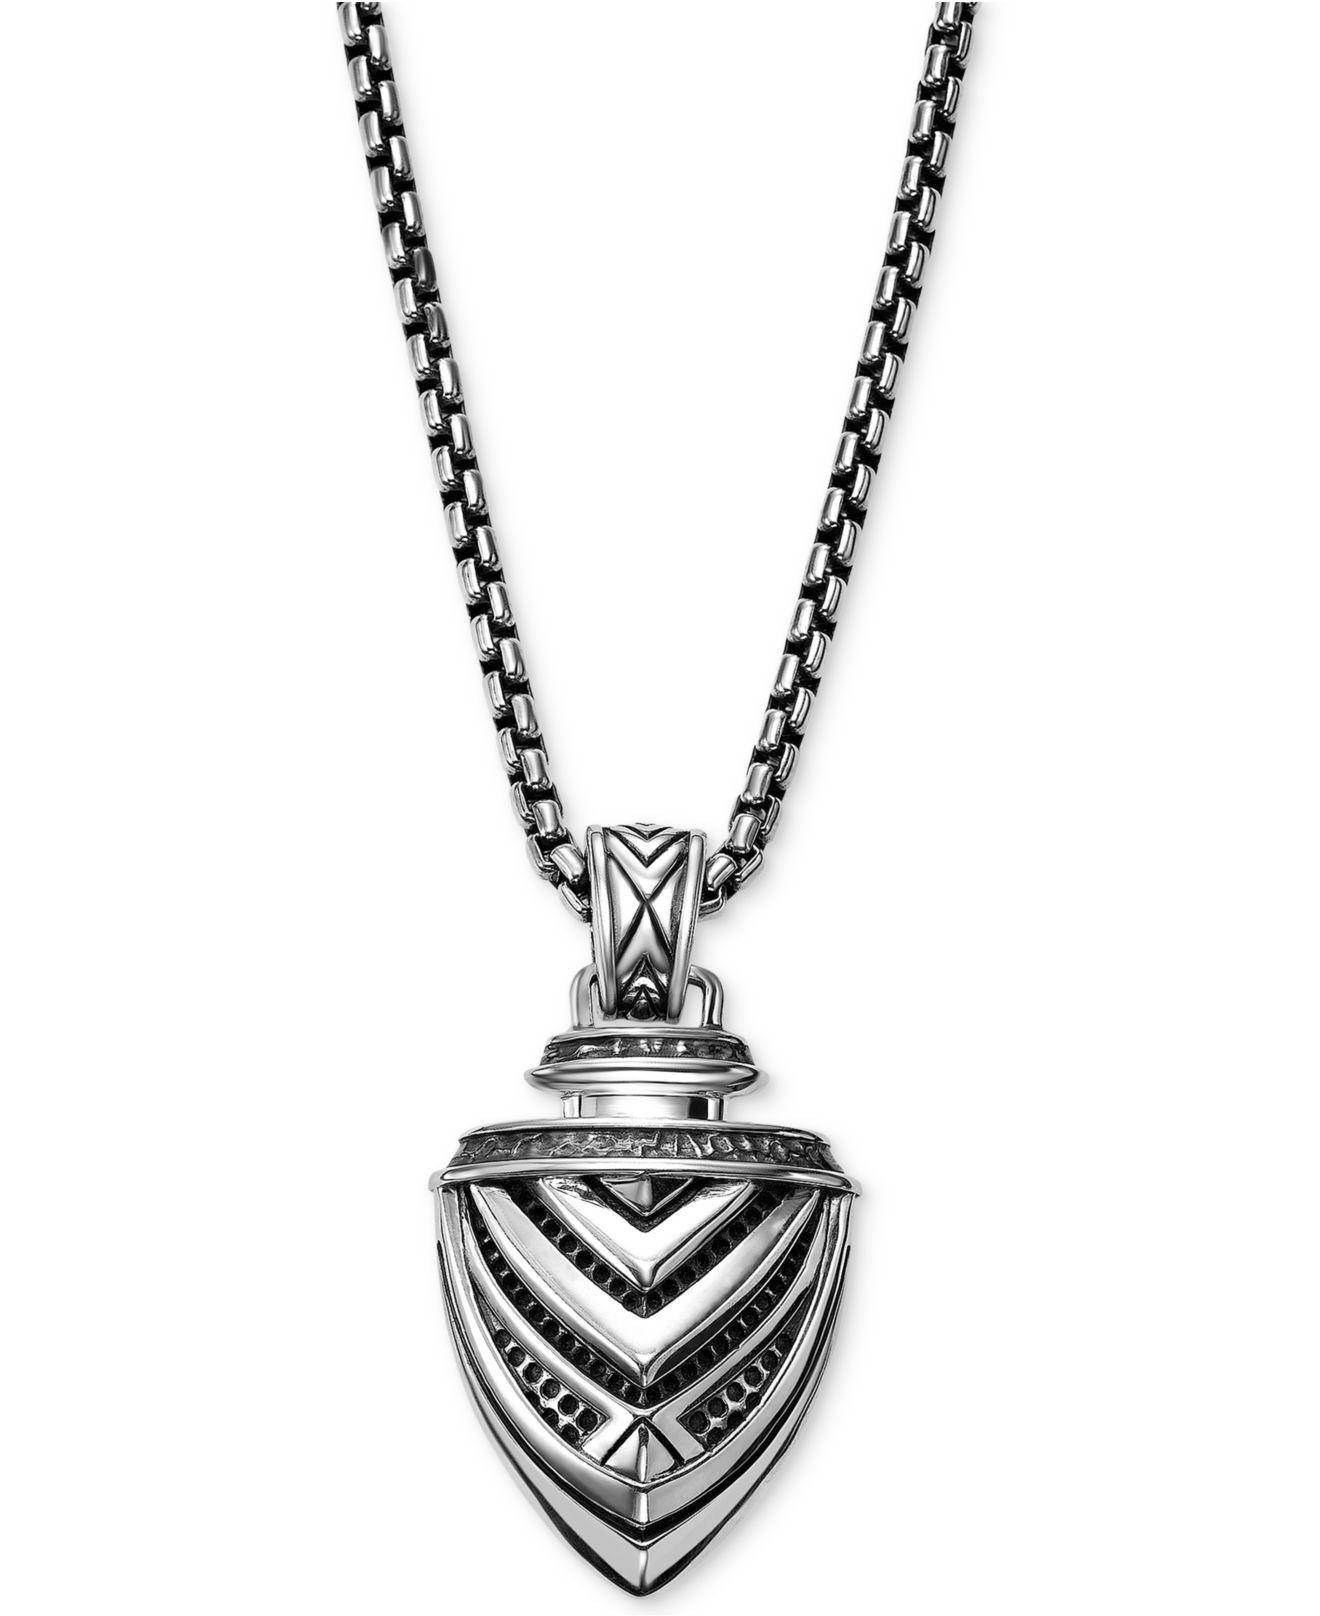 aeeca1593 Scott Kay Men's Arrow Pendant Necklace In Sterling Silver in ...